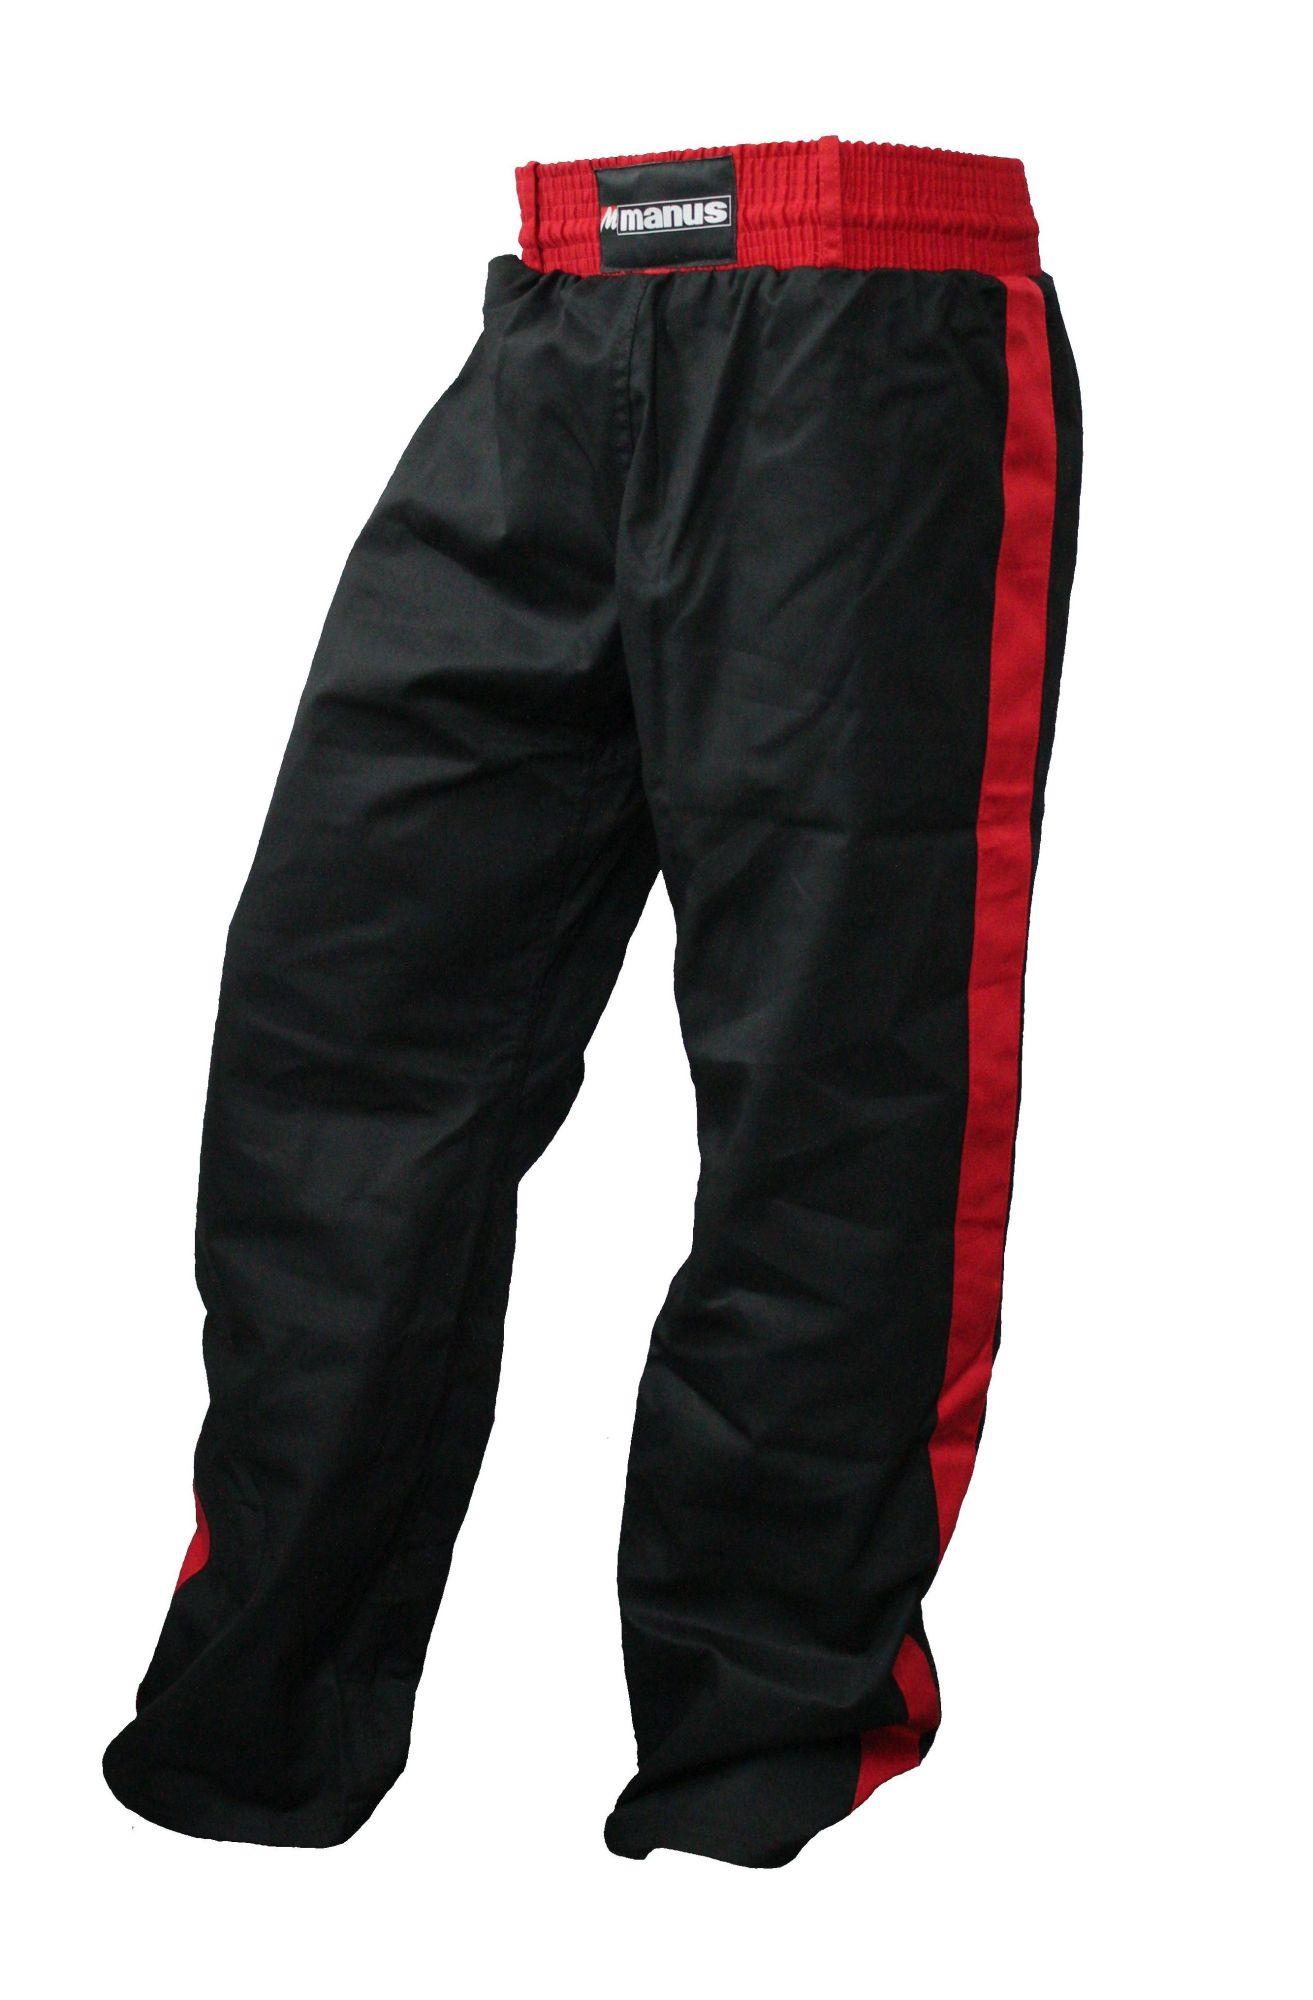 Manus Kickboksbroek met strepen (Zwart - rood)